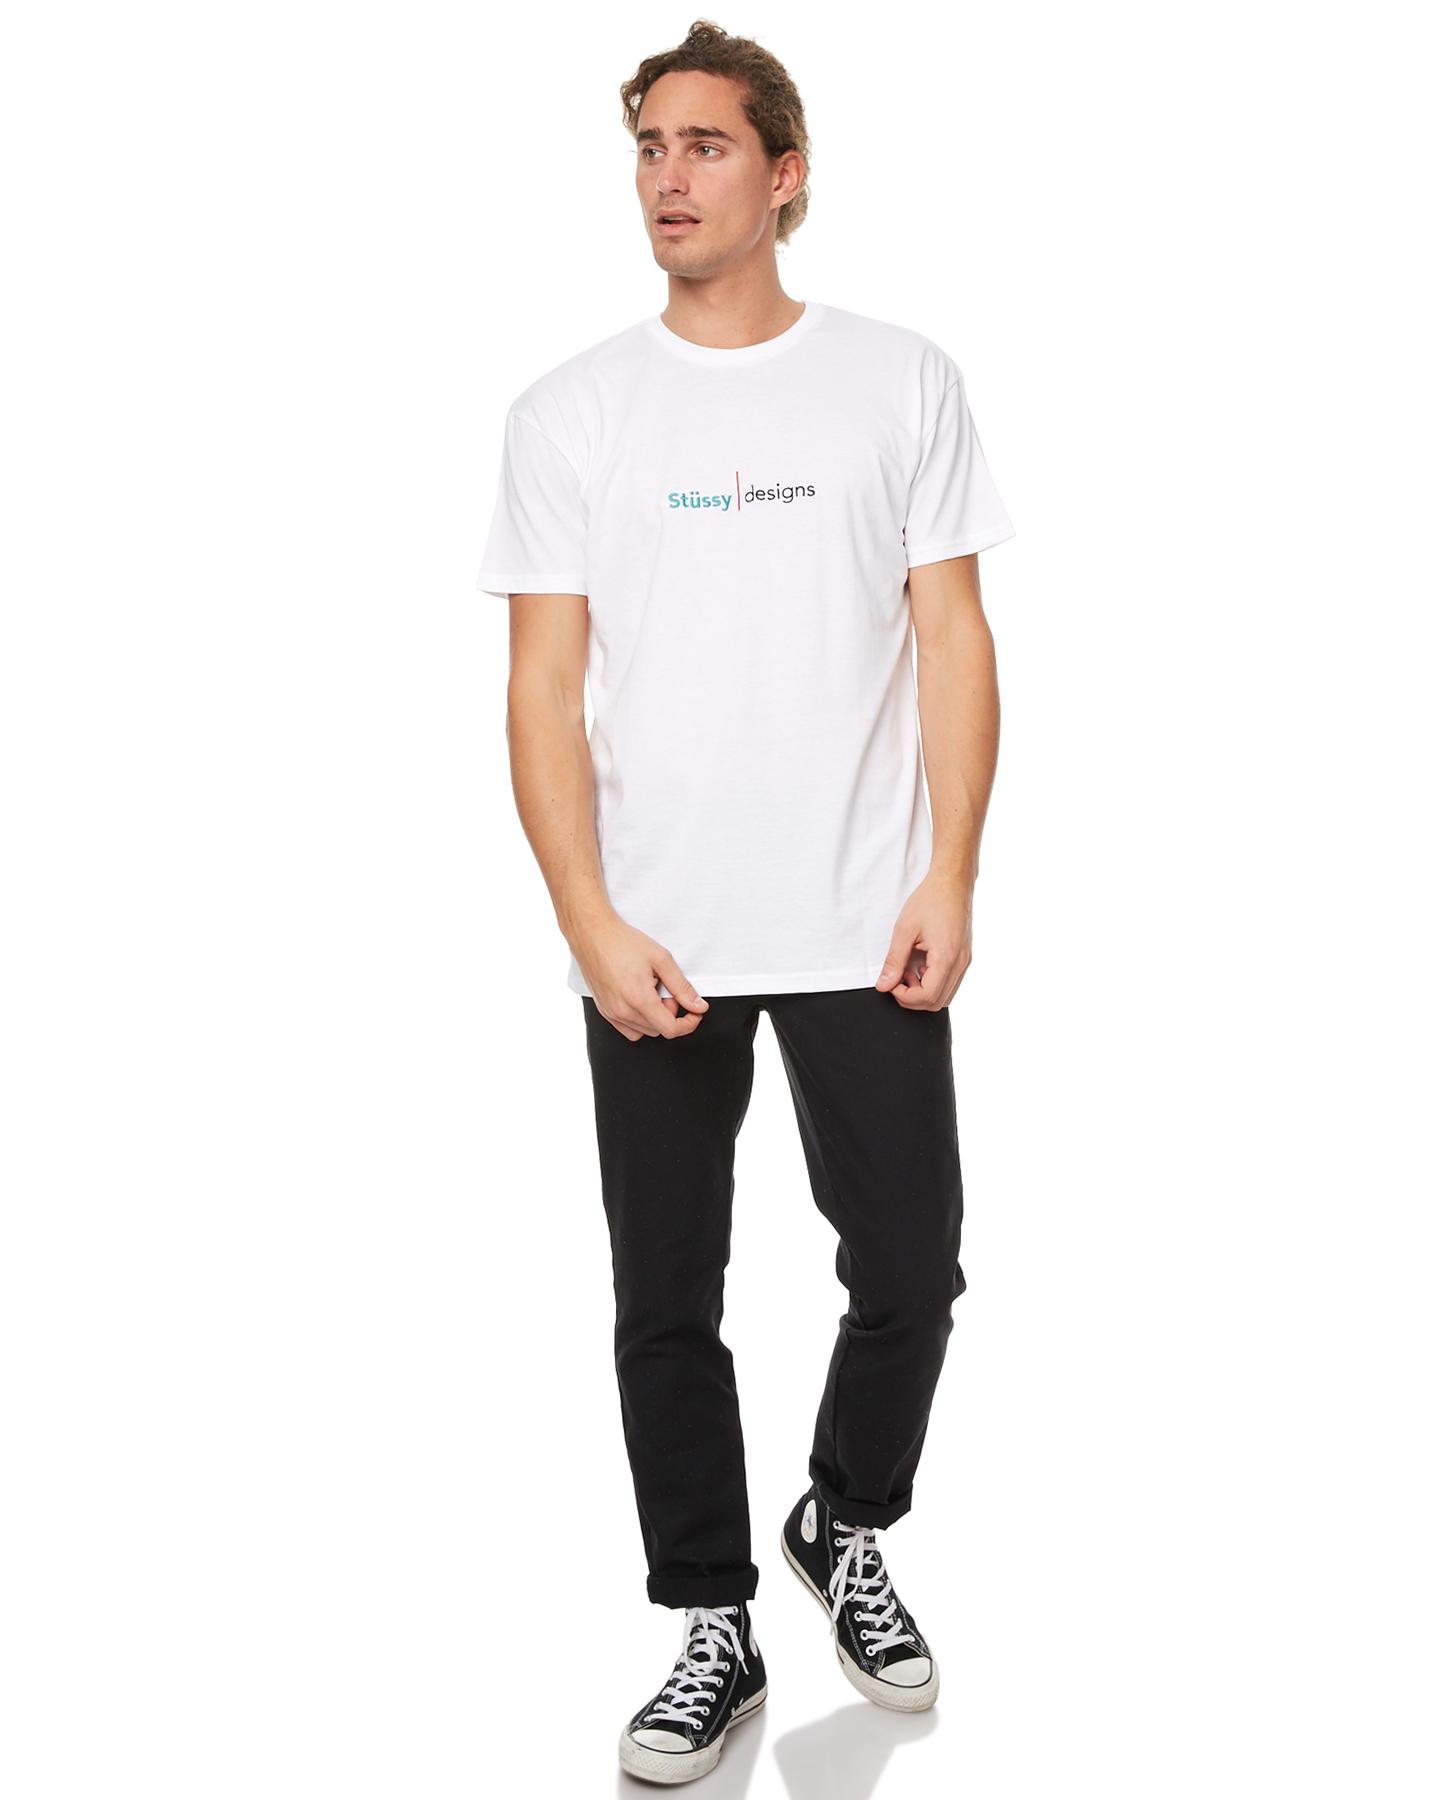 stussy designs line mens white surfstitch